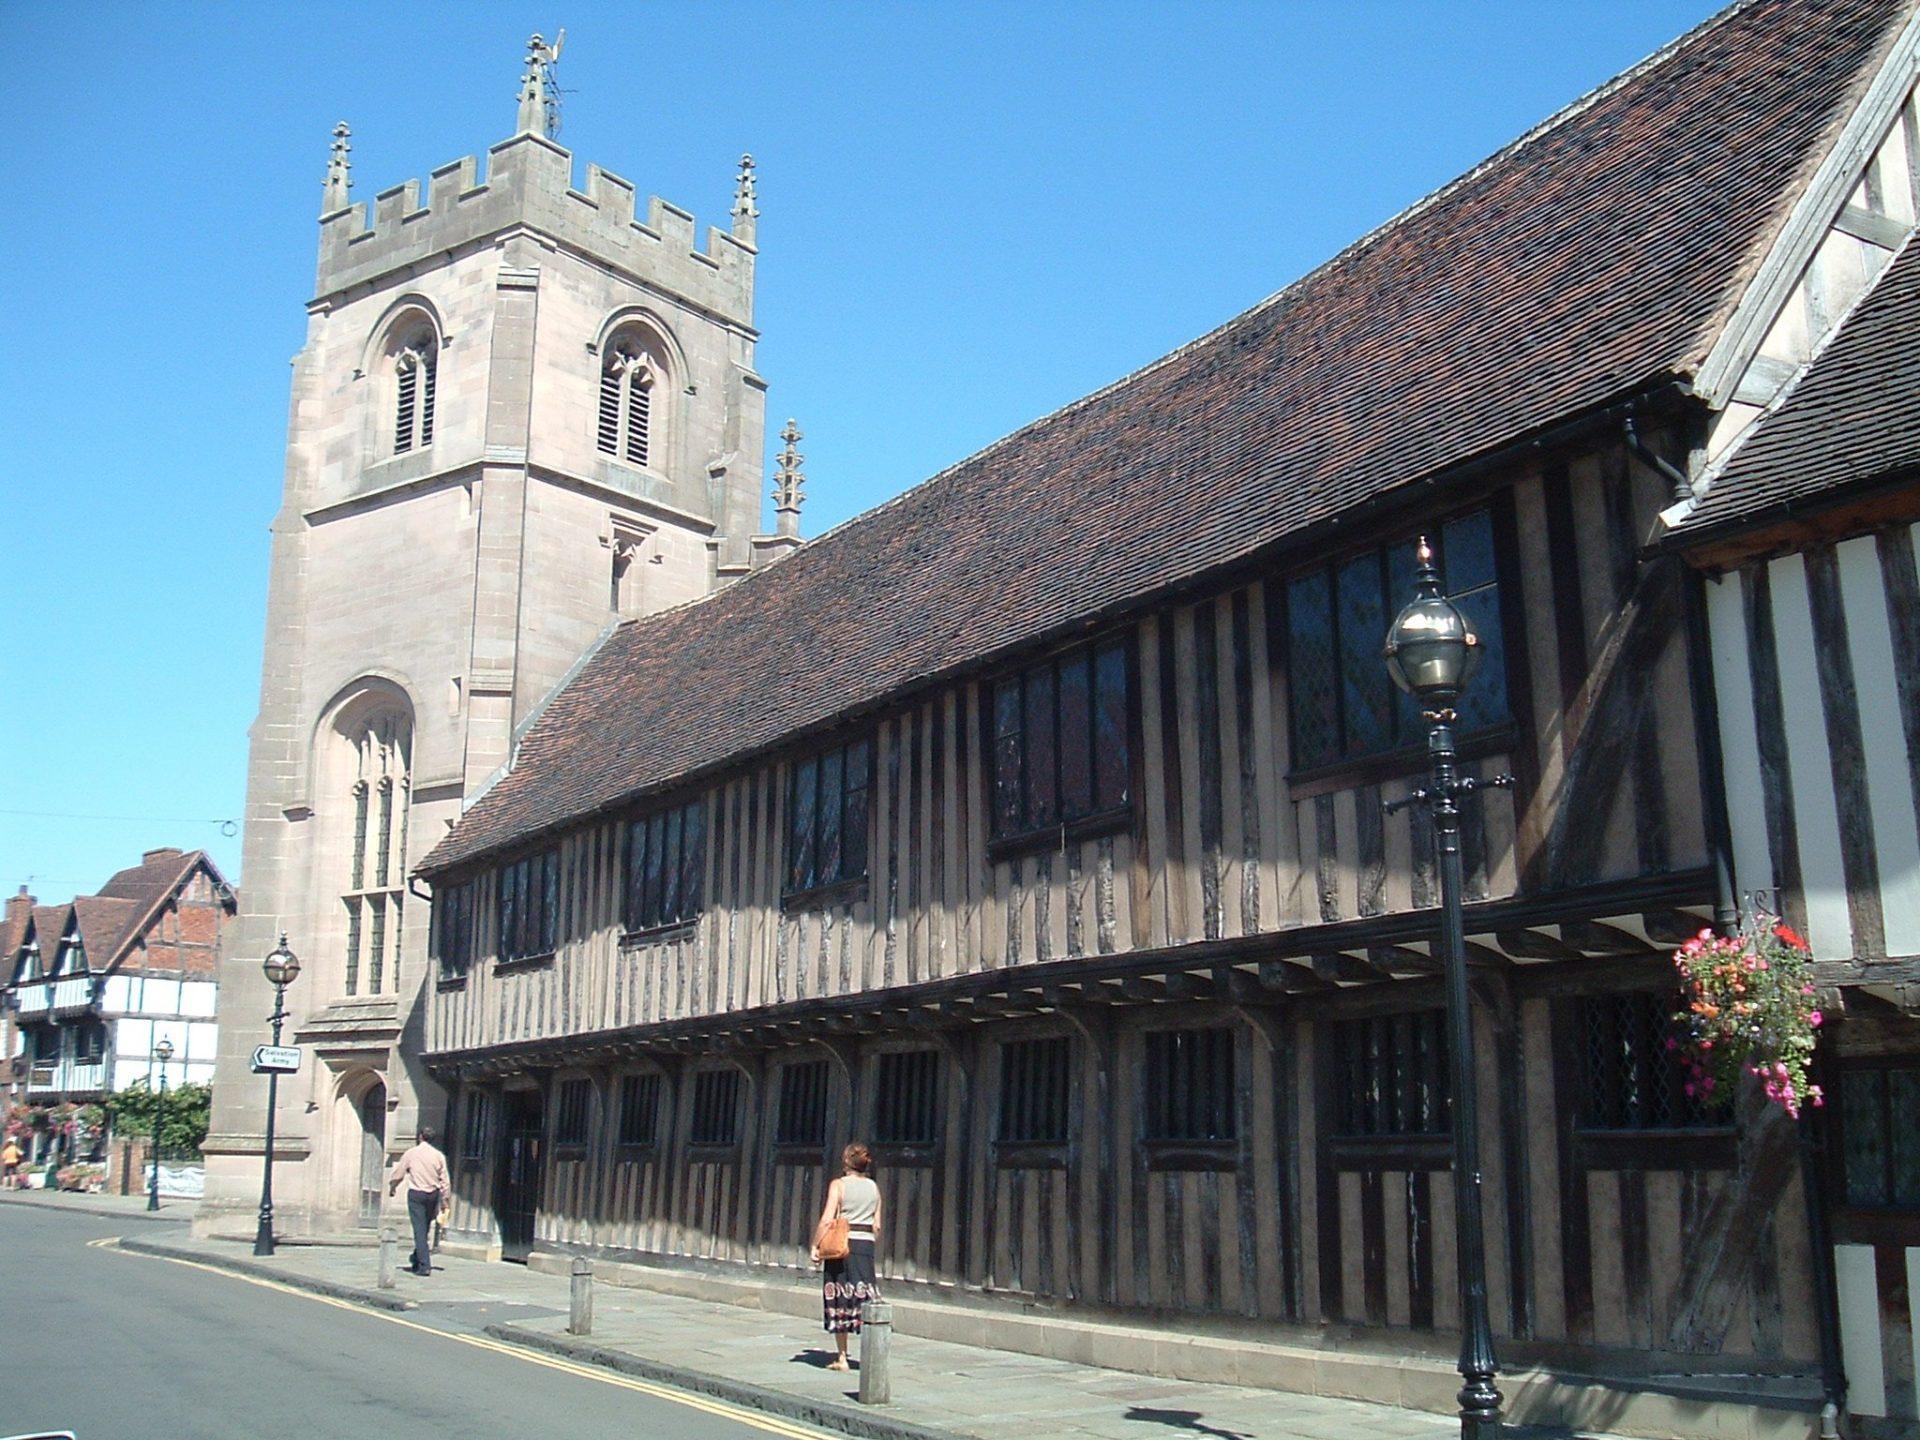 Школа короля Эдуарда VI, Стратфорд-на-Эйвоне, Великобритания. Июль, 2005